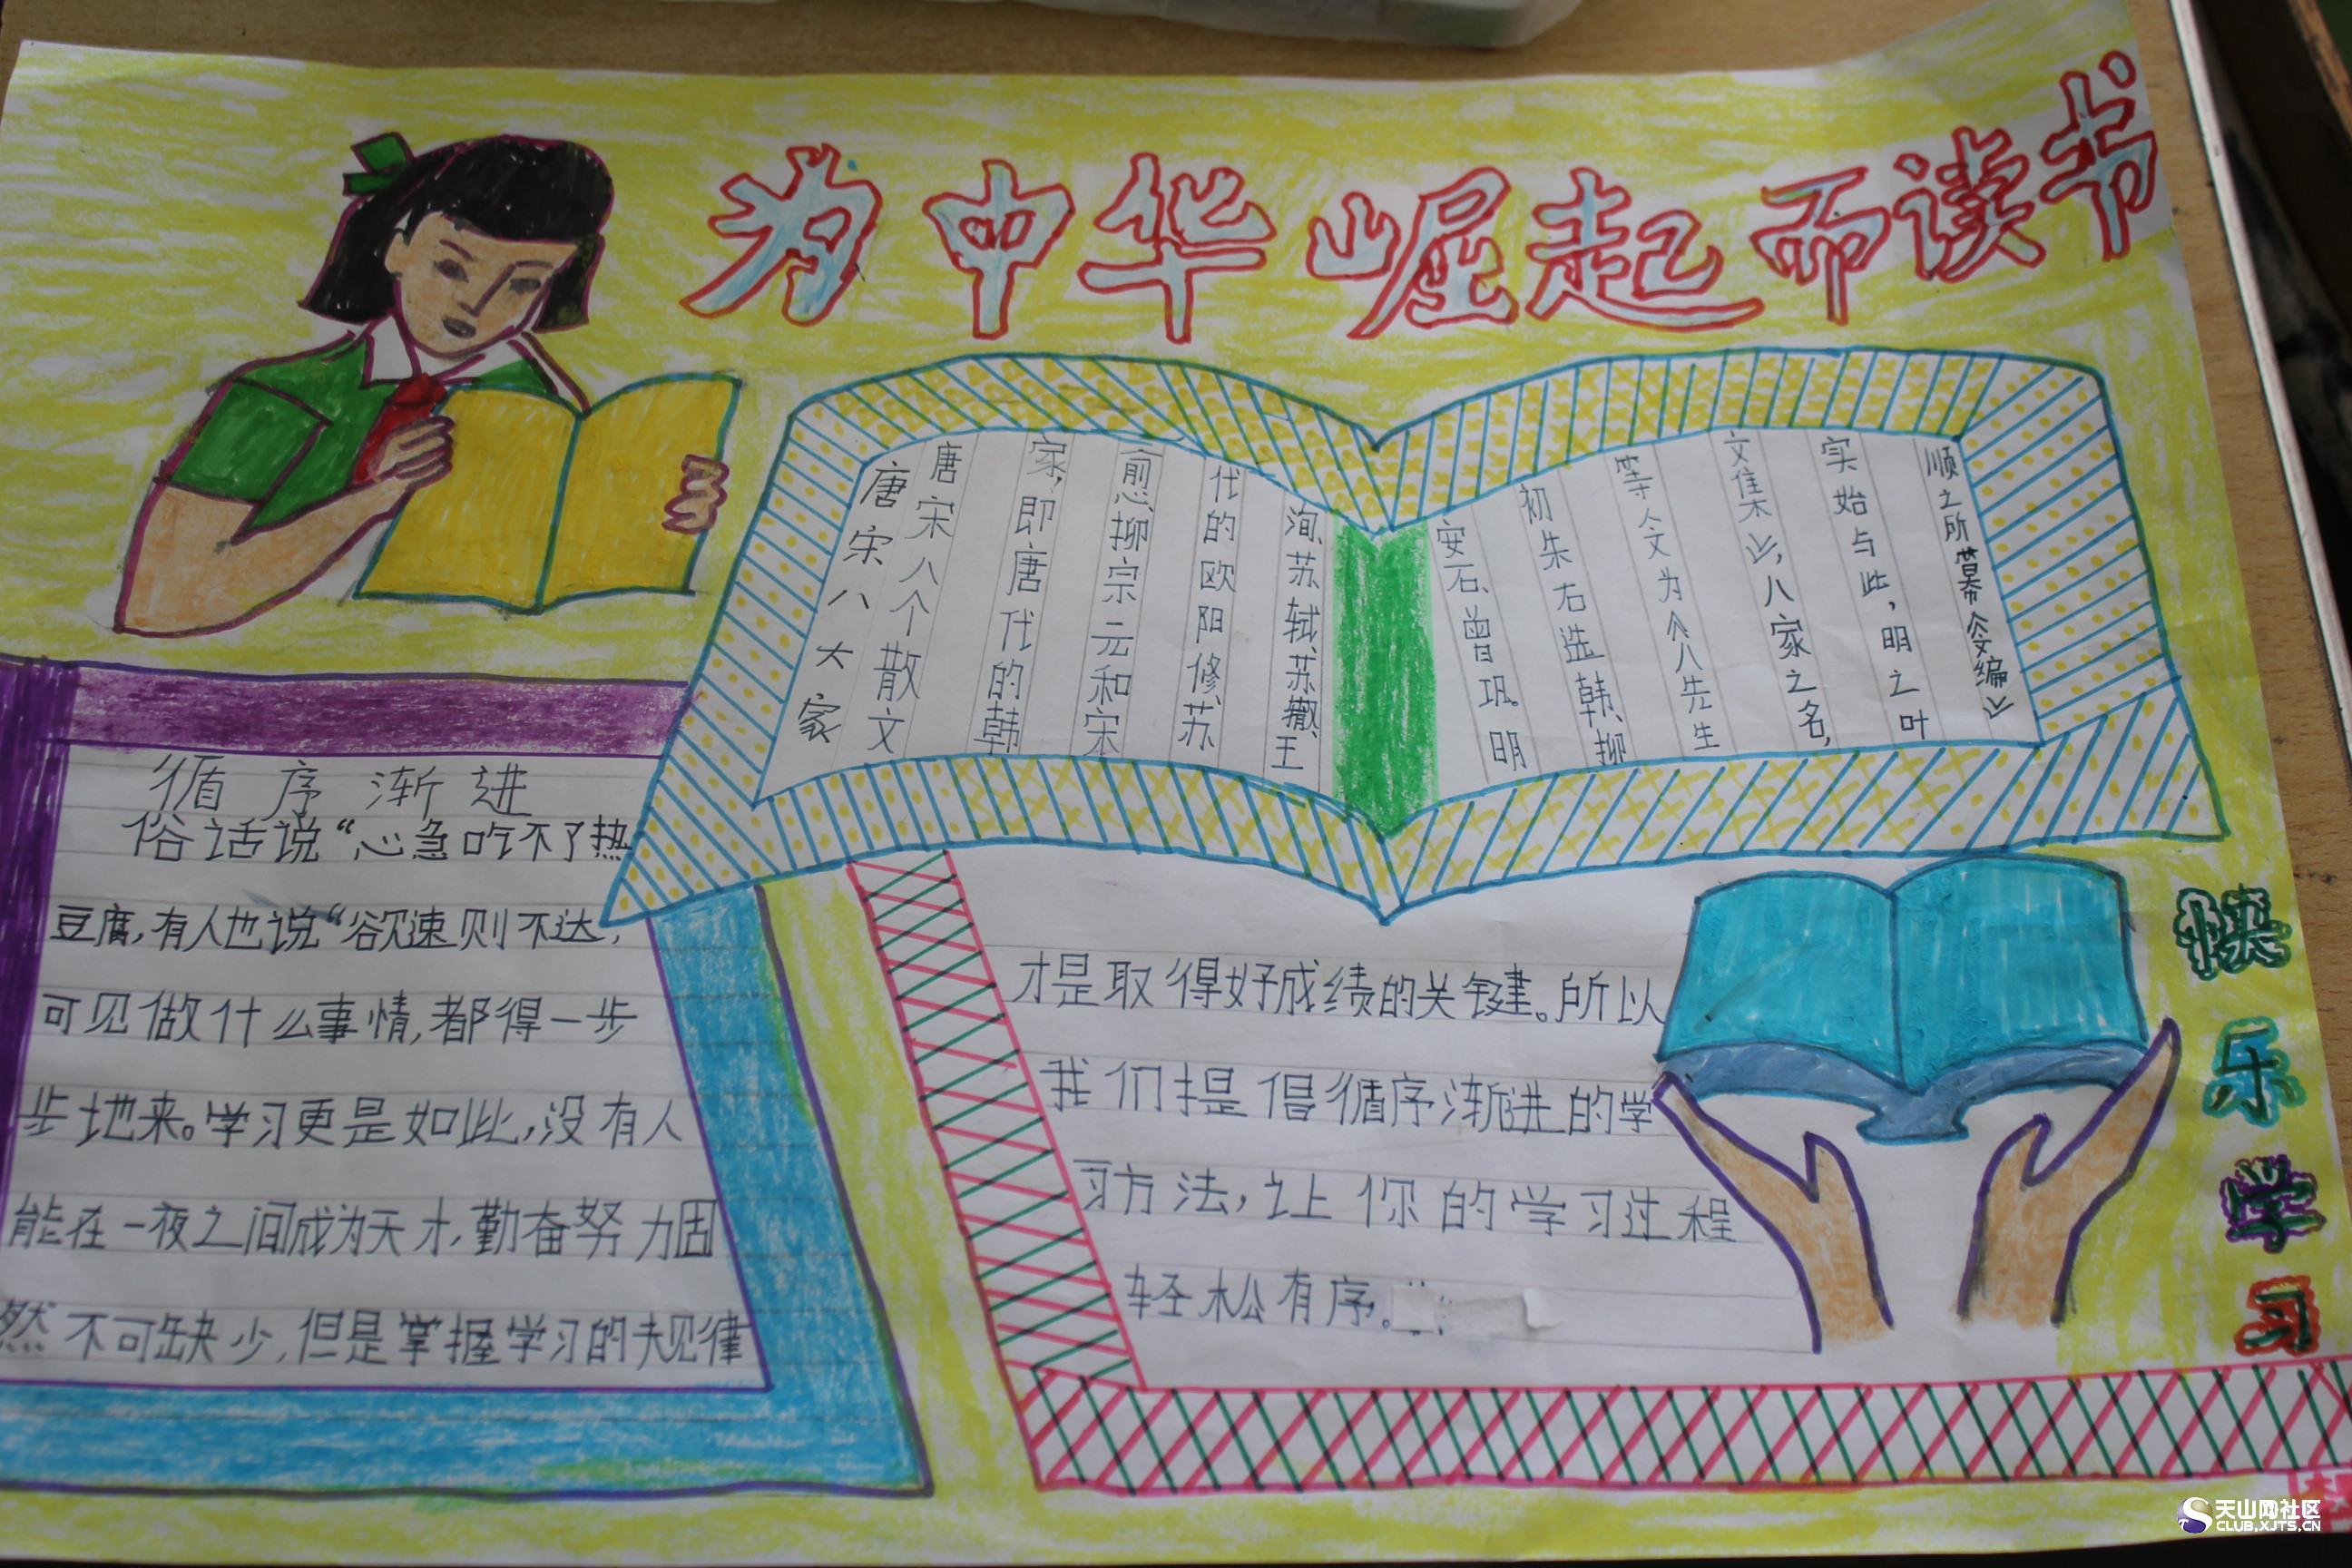 [新疆]哈巴河县二小:打造书香校园 滋养幸福心灵